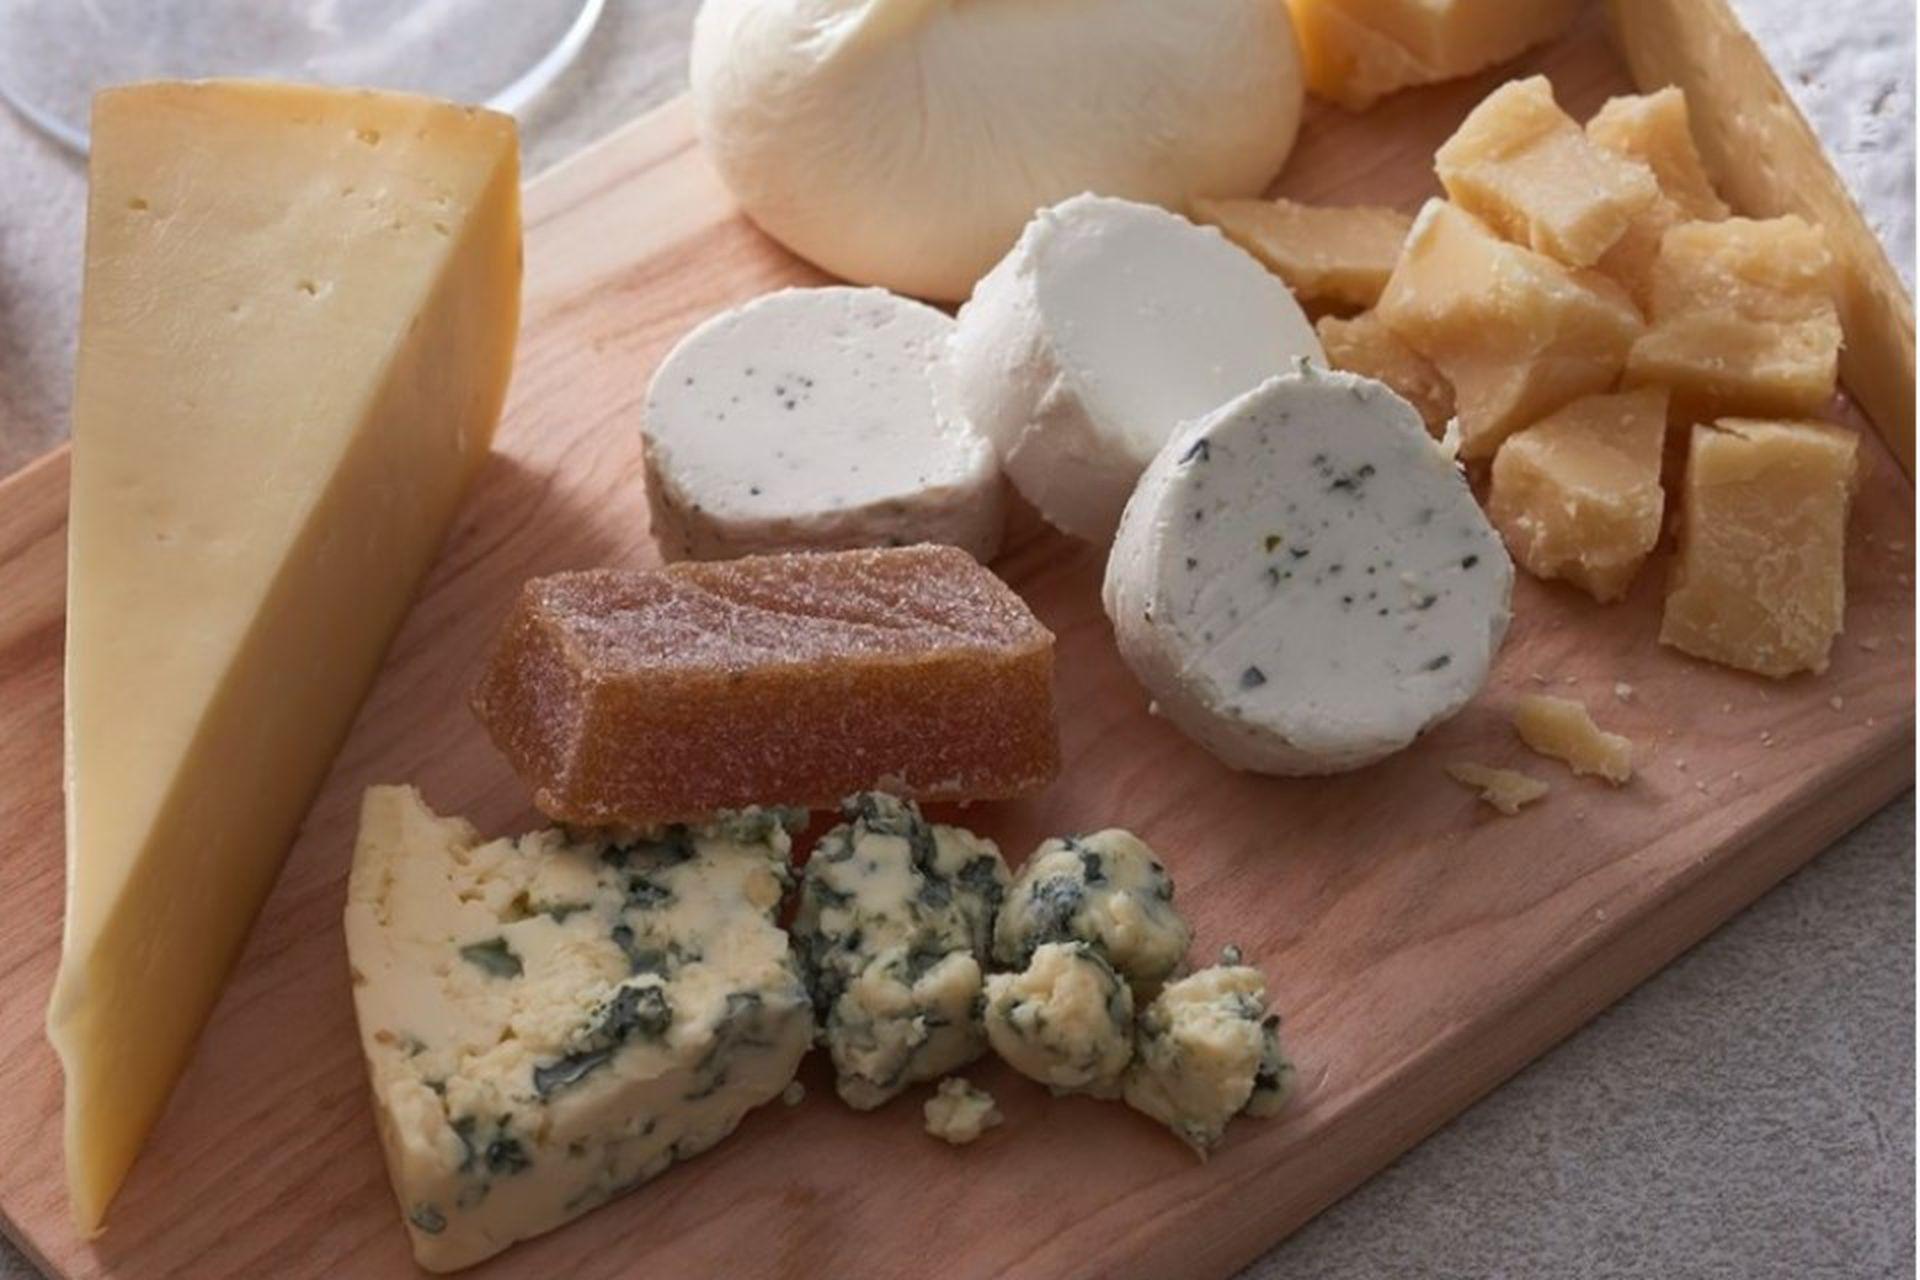 Las tablas de Santi Cheese y su variedad de más de 50 quesos